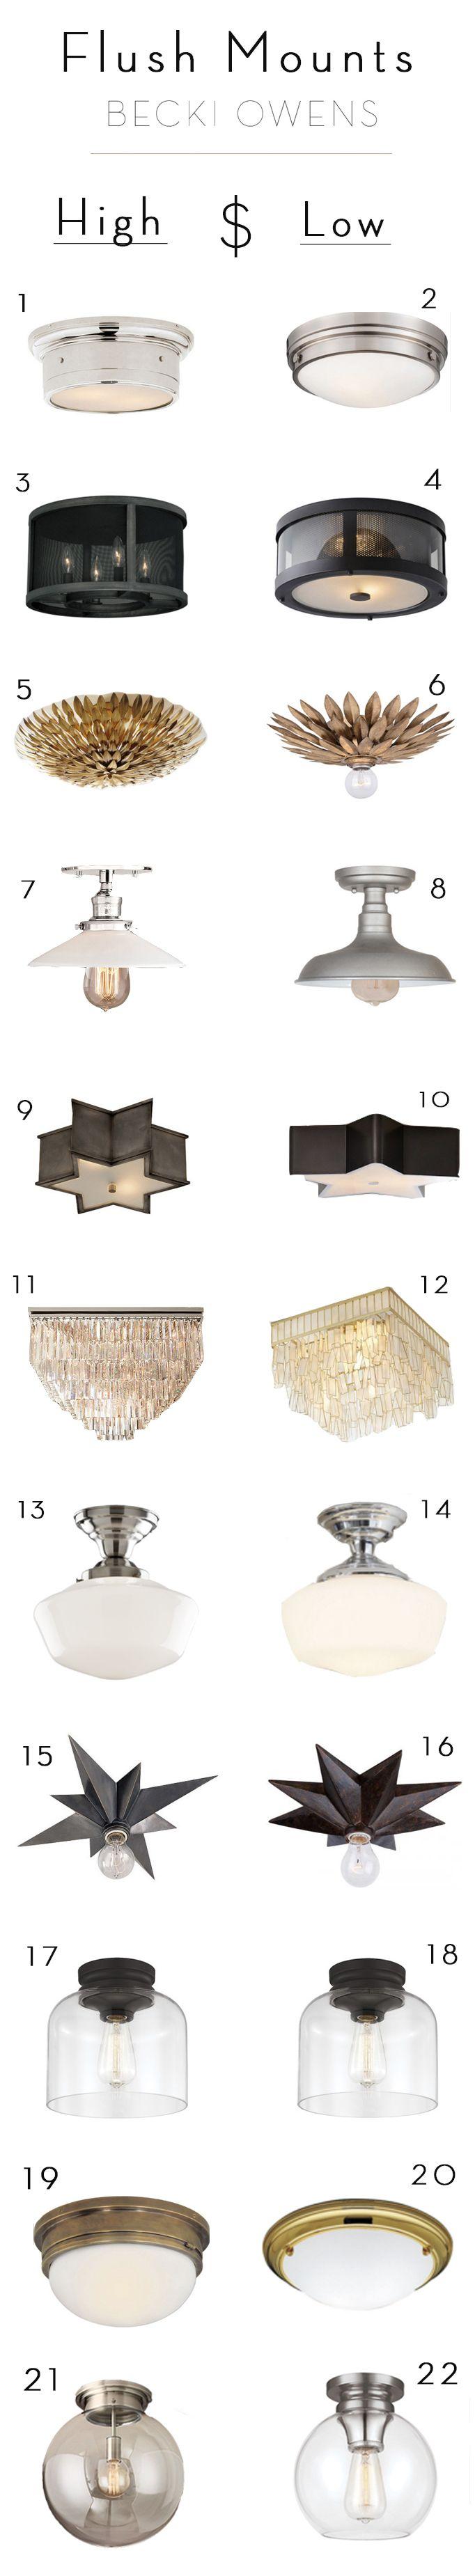 einbauleuchten badezimmer auflistung bild und fbddcfcefb flush mount lighting home lighting